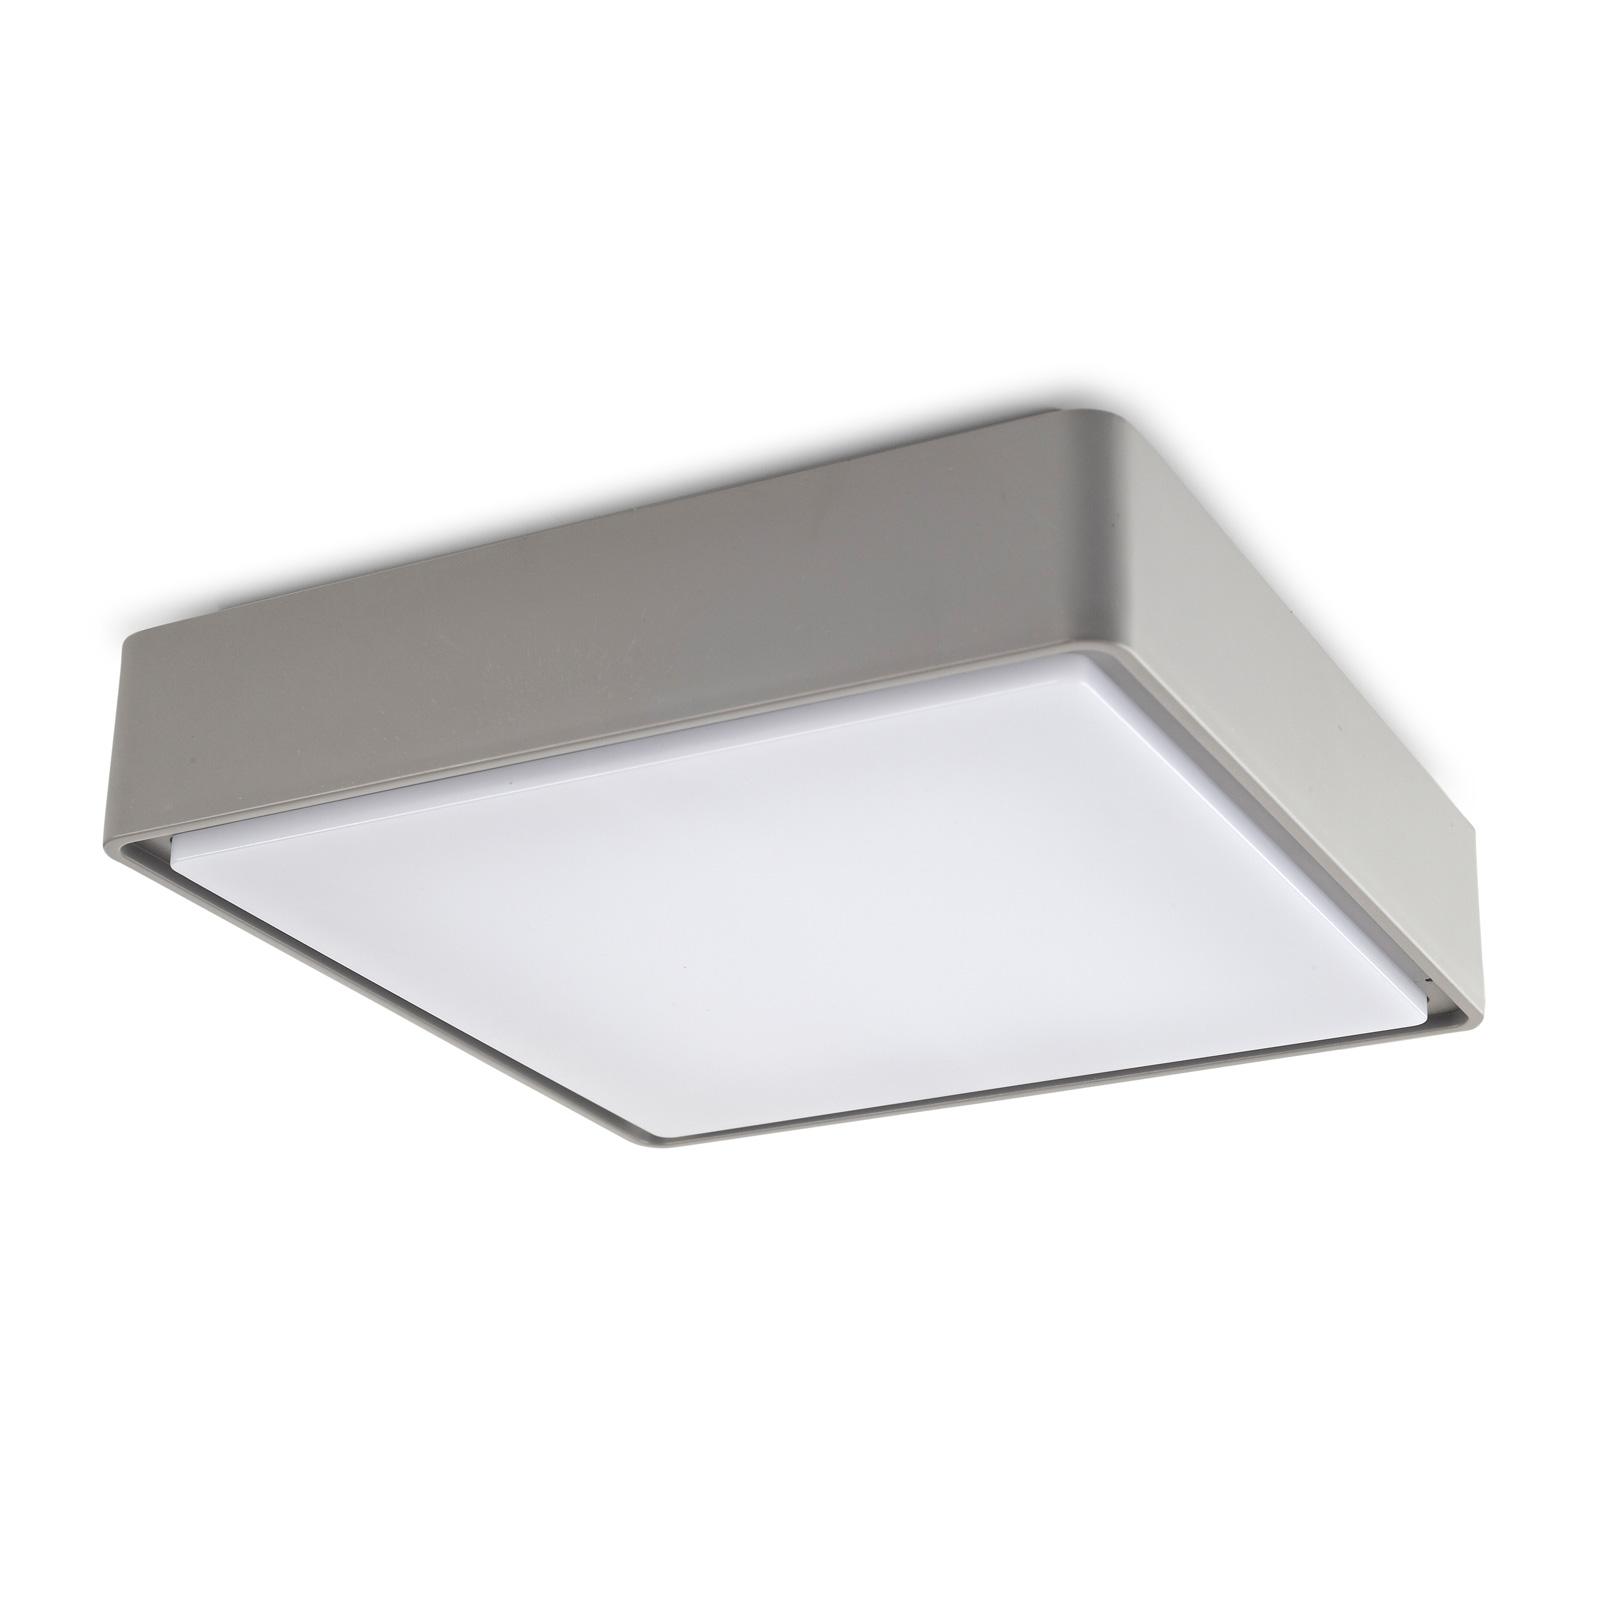 LEDS-C4 Kössel plafondlamp voor buiten